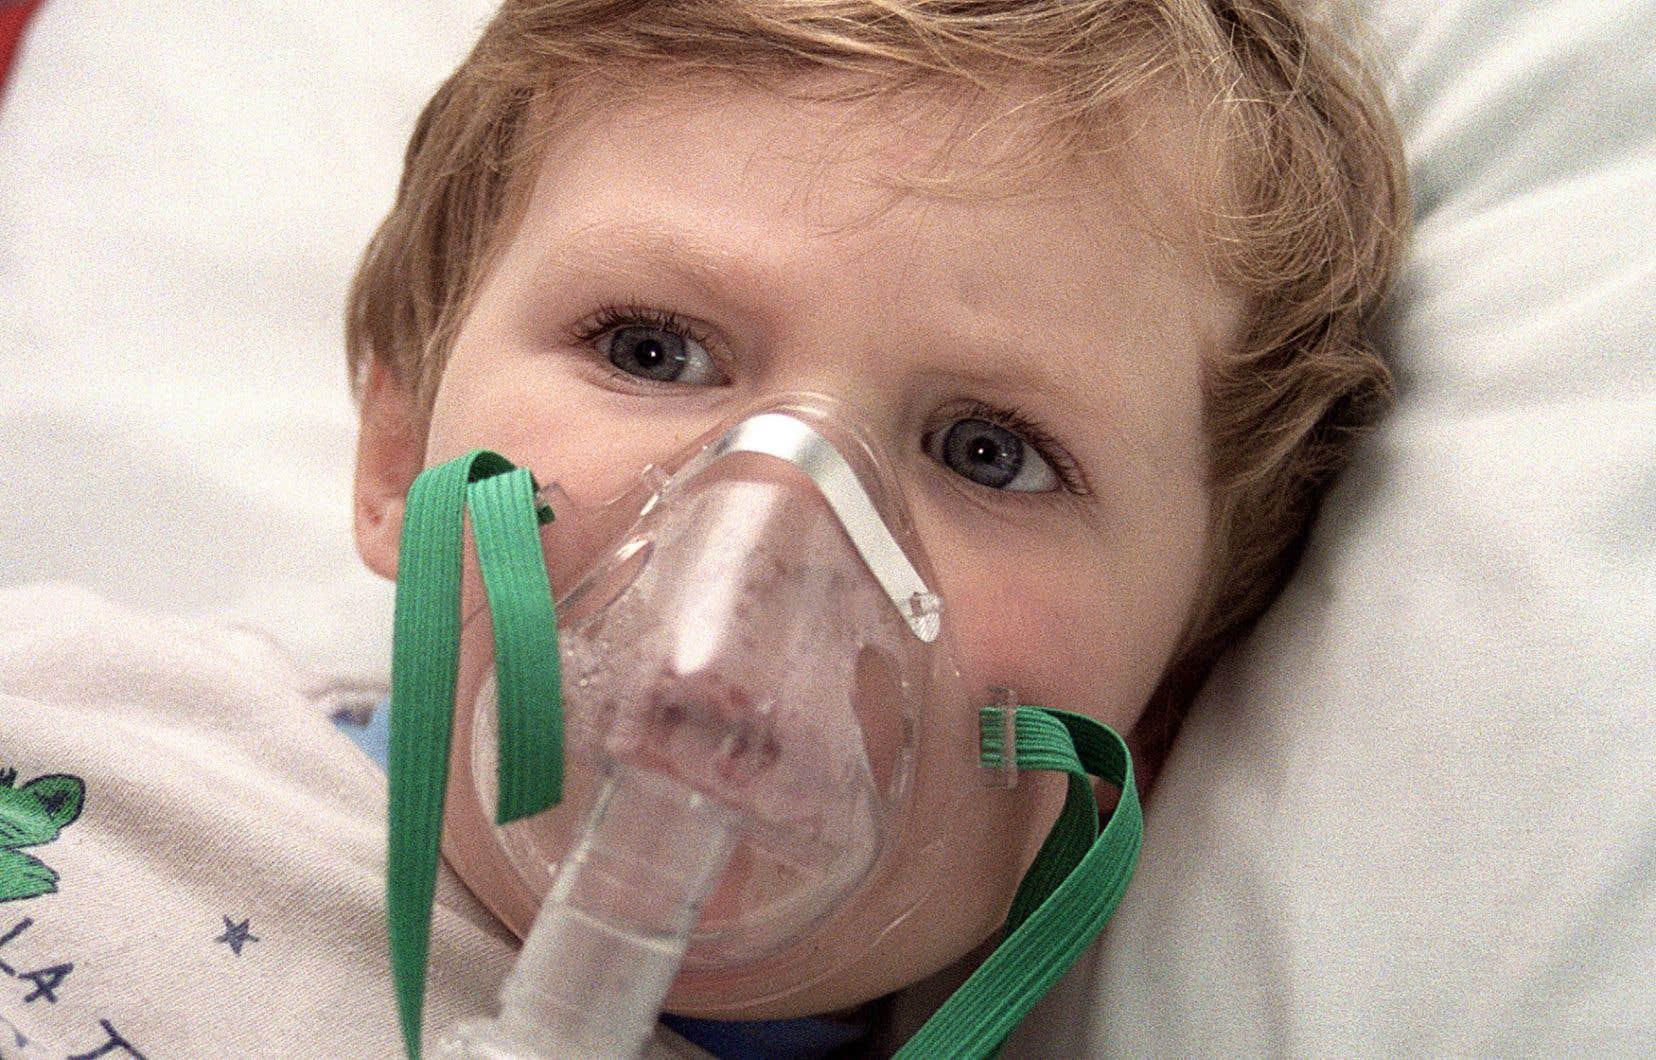 Des problèmes respiratoires peuvent être induits par les changements climatiques.